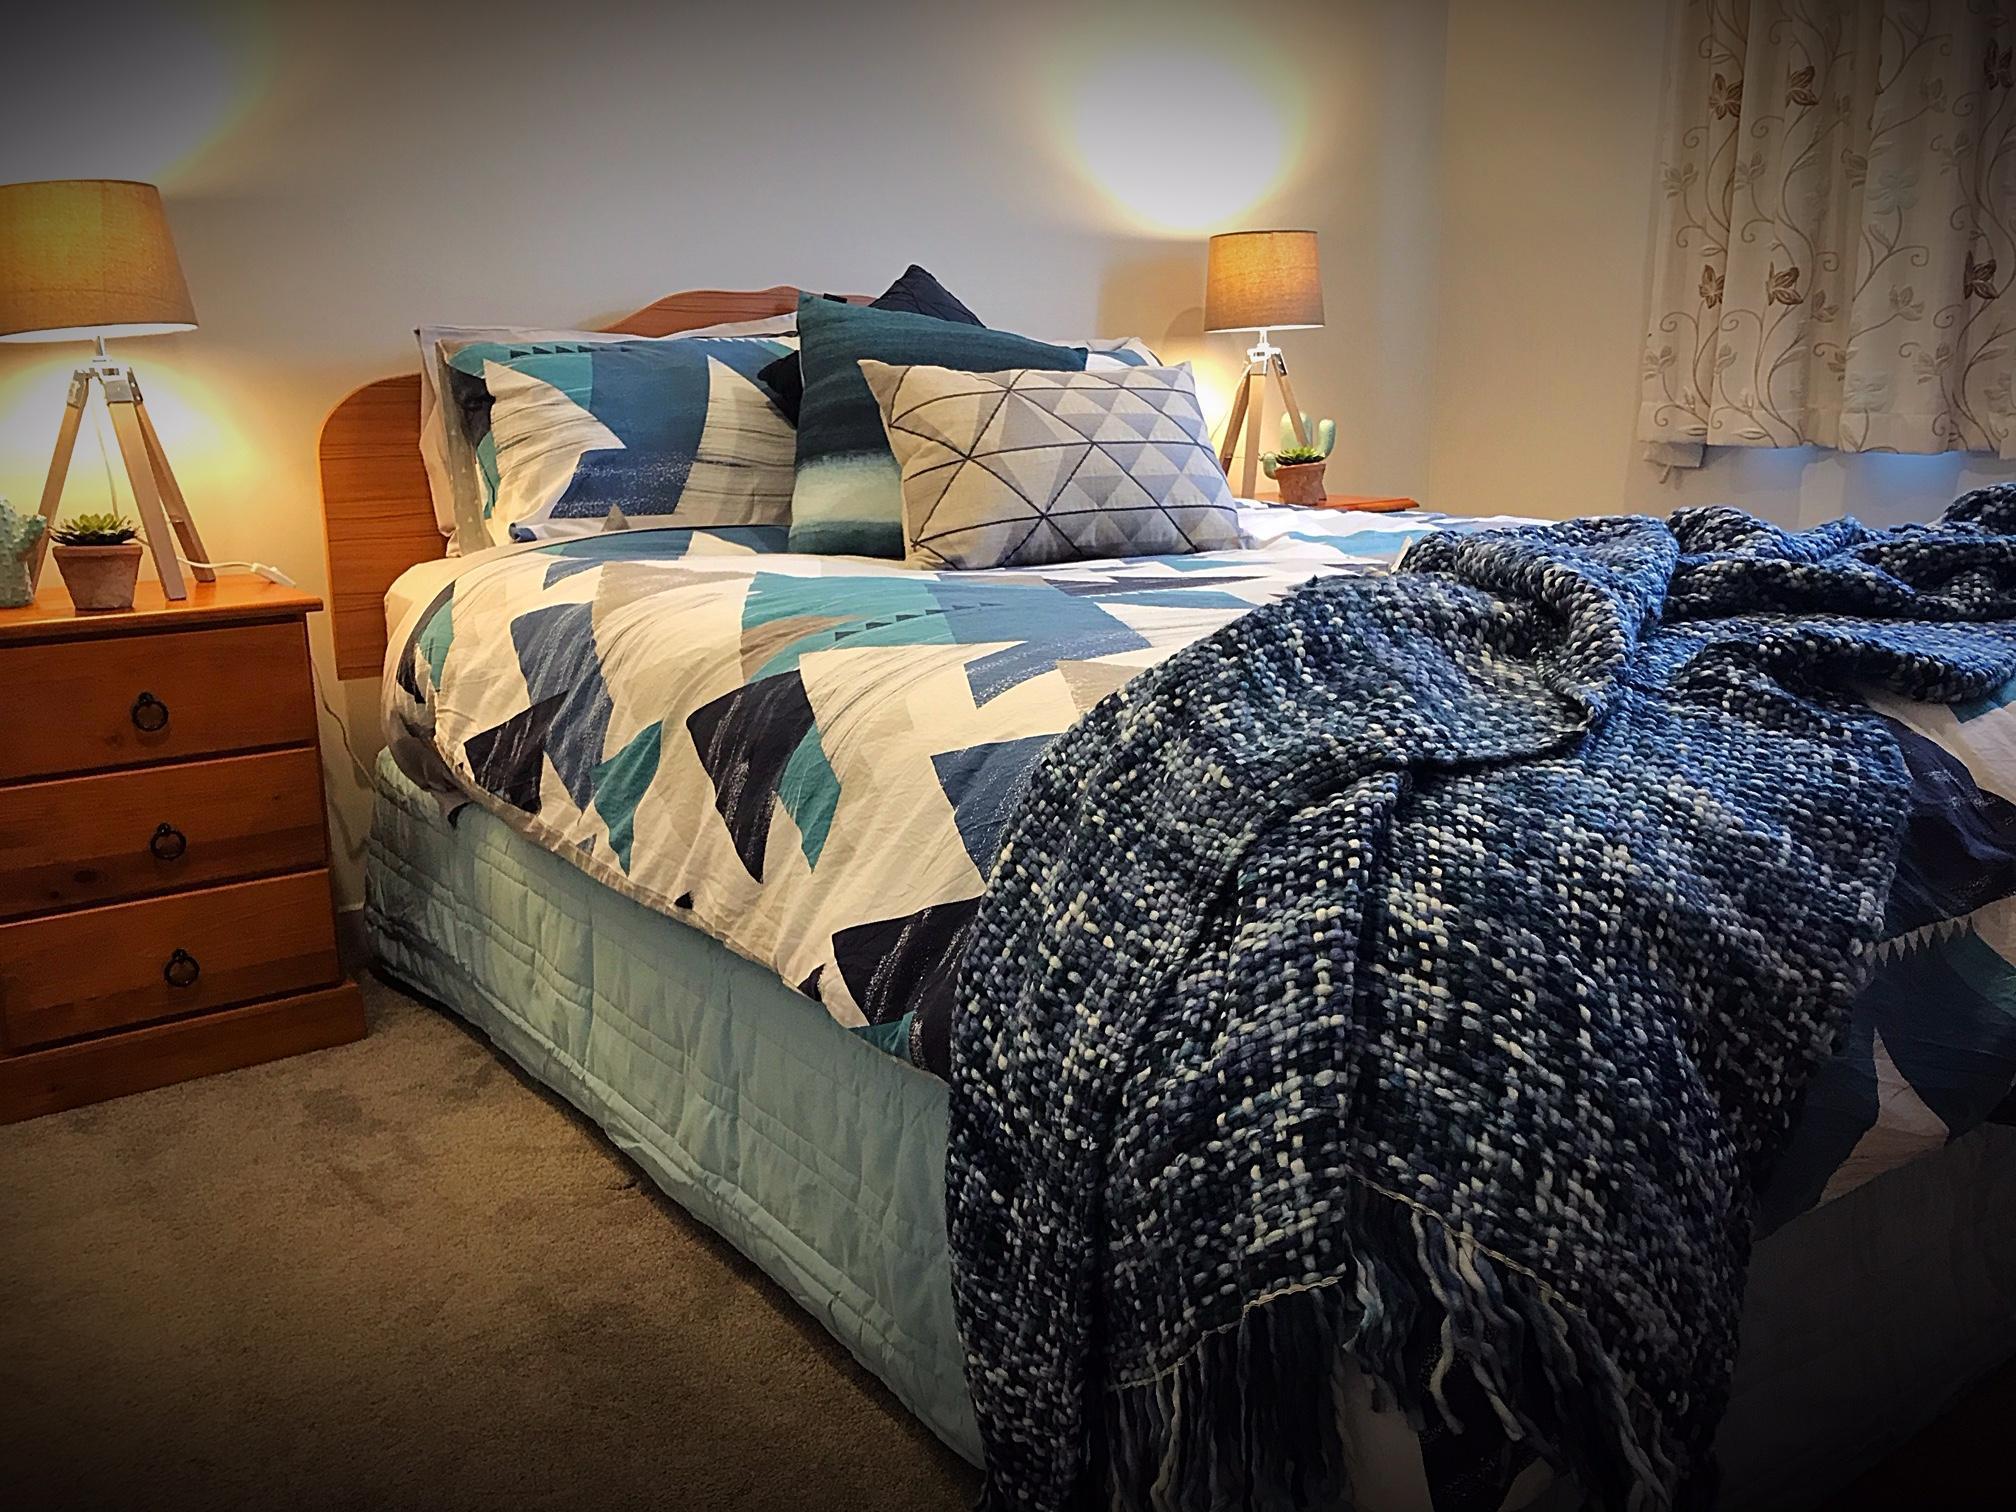 FlatBush Holiday Accommodation   Upmarket Homestay